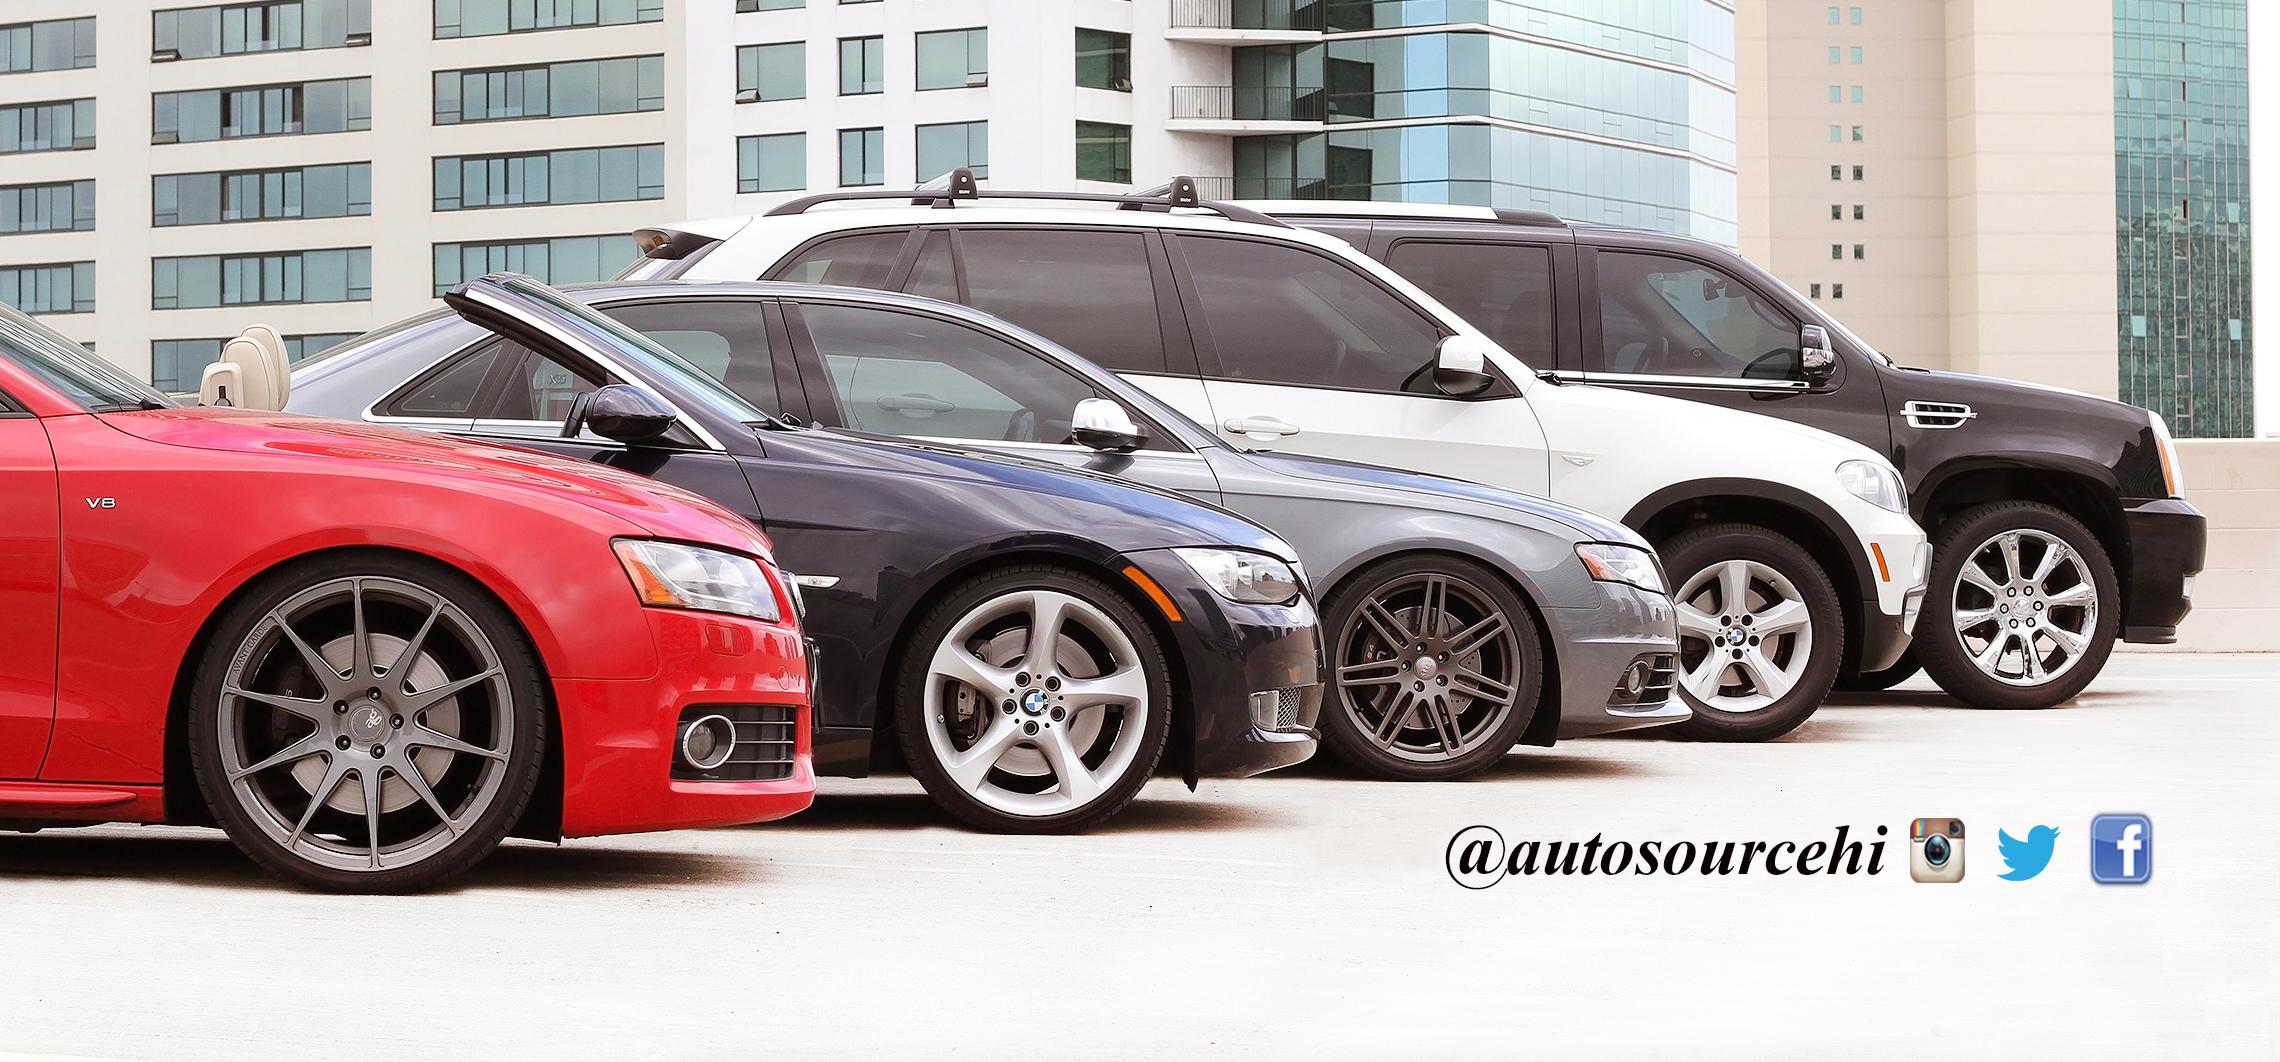 AUTOSOURCE Automobile dealership